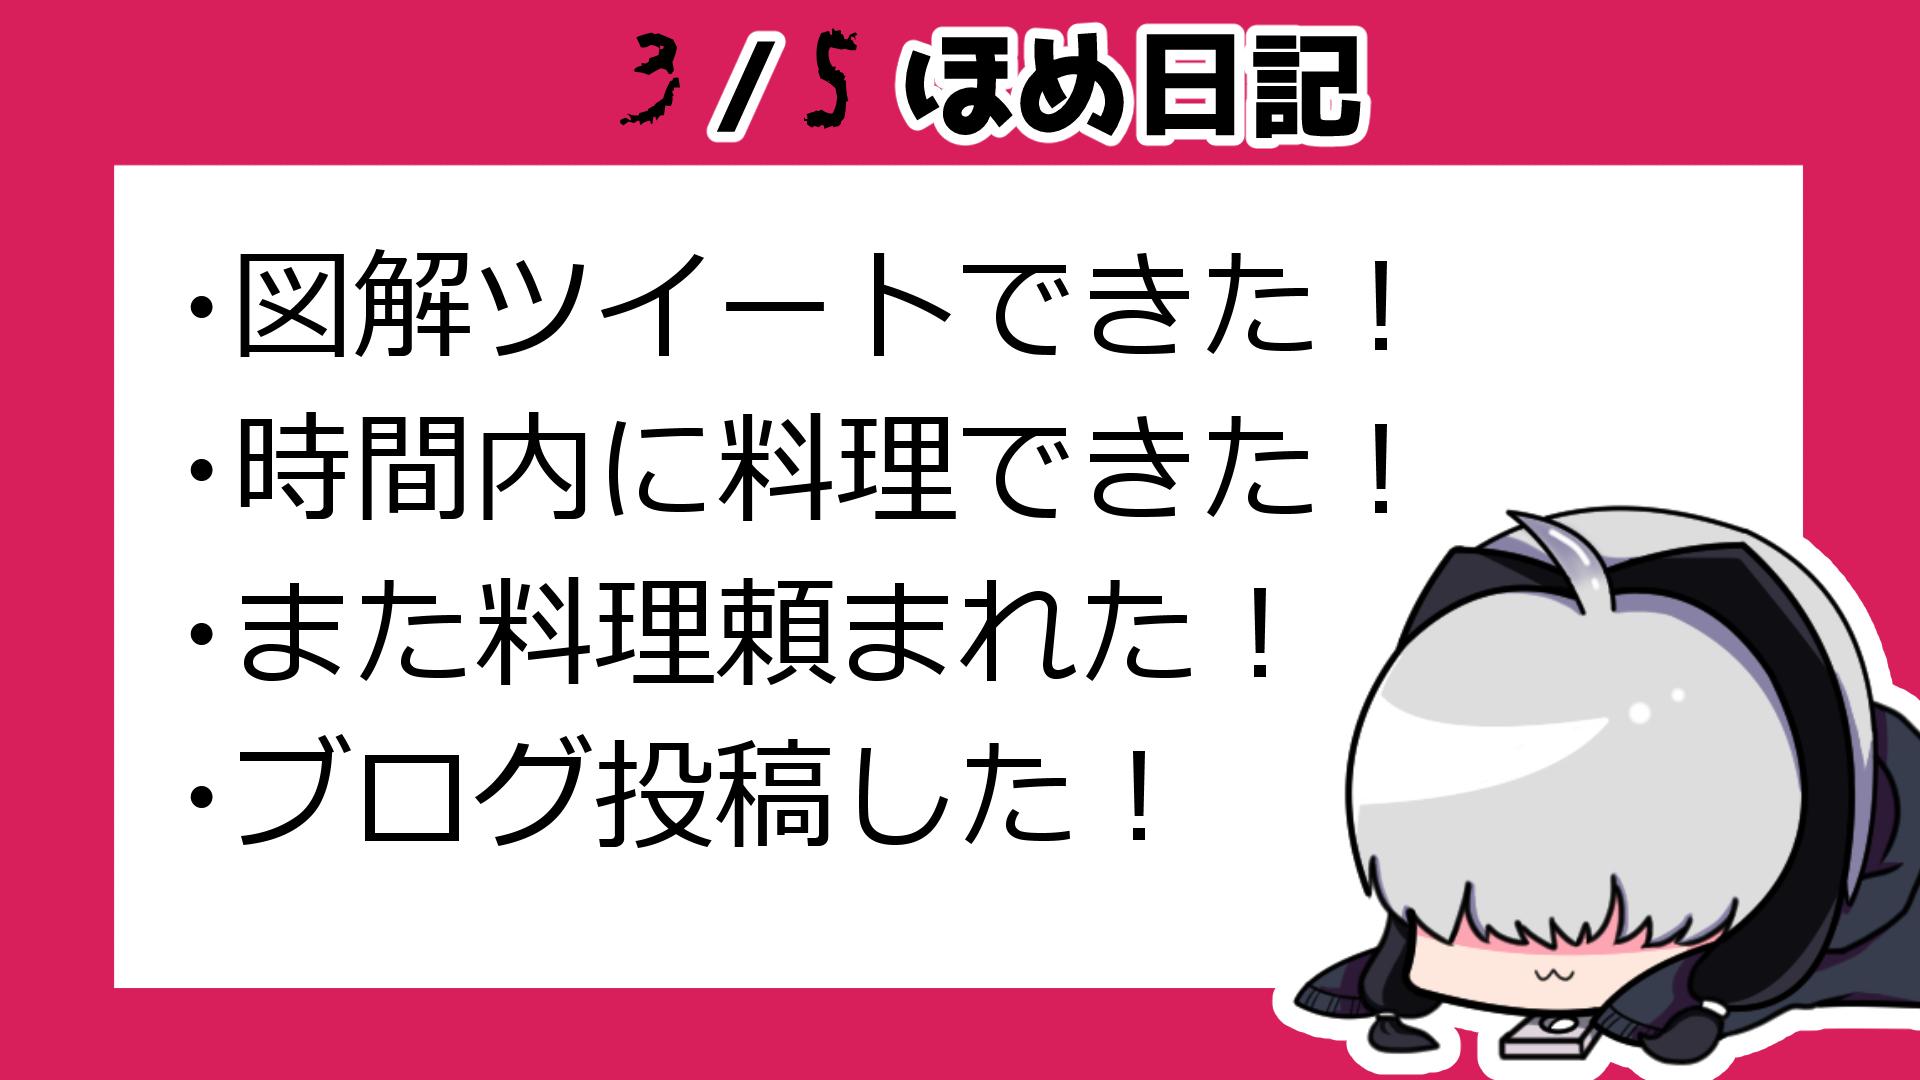 3月5日ほめ日記.png